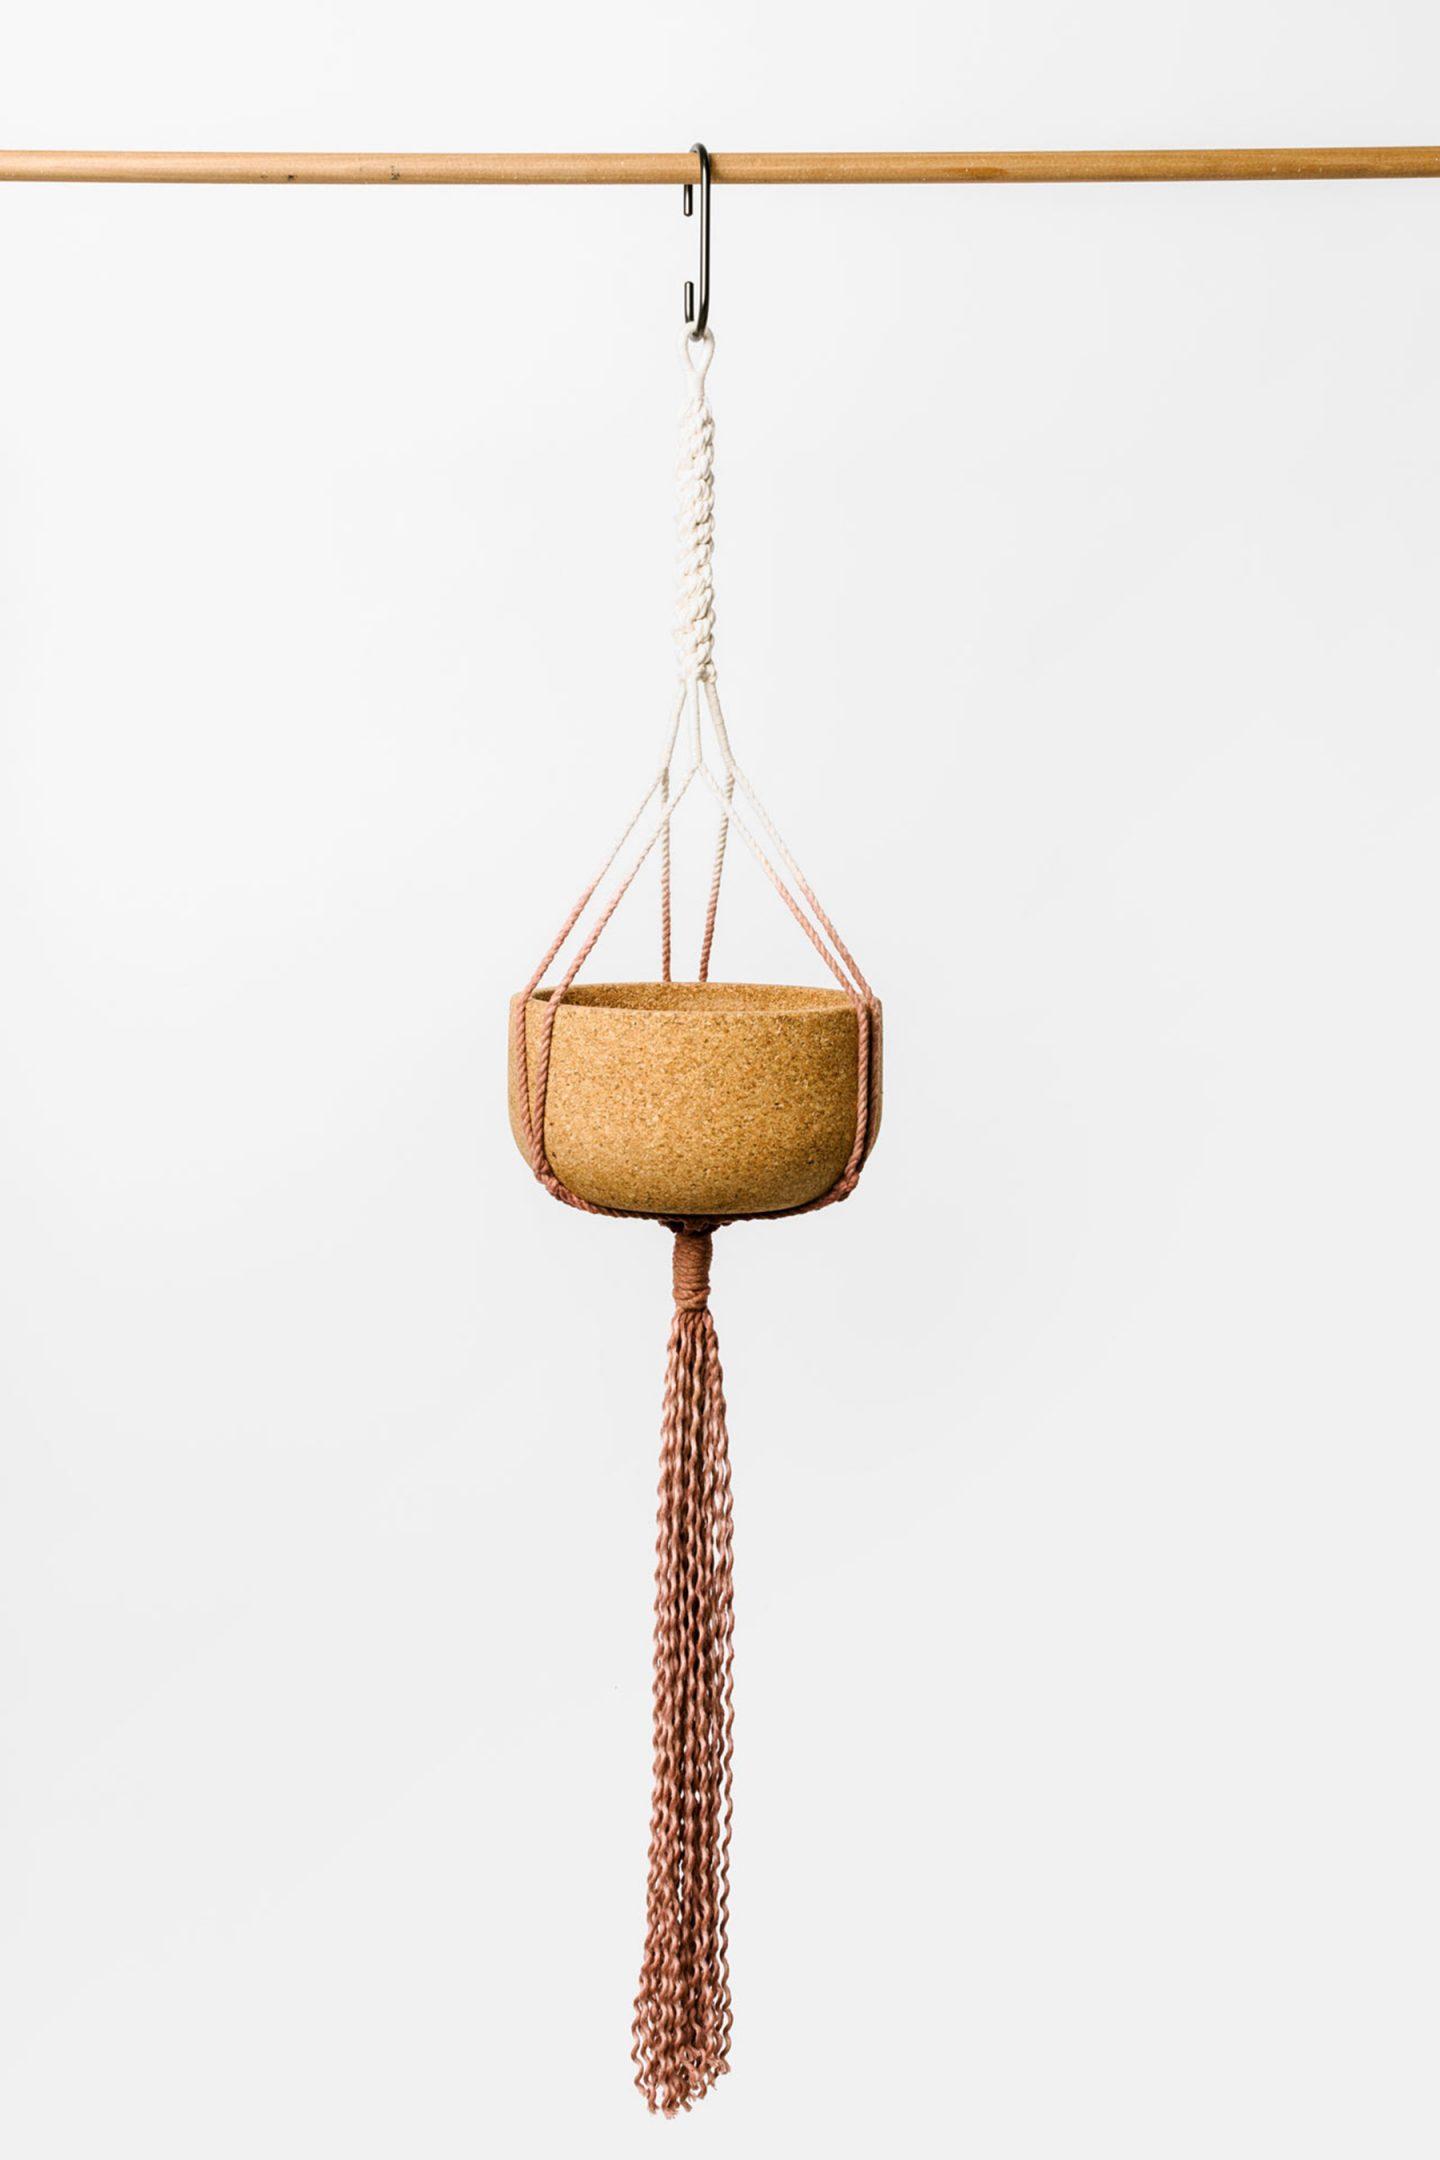 iGNANT-Design-Melanie-Abrantes-Eco-Design-008